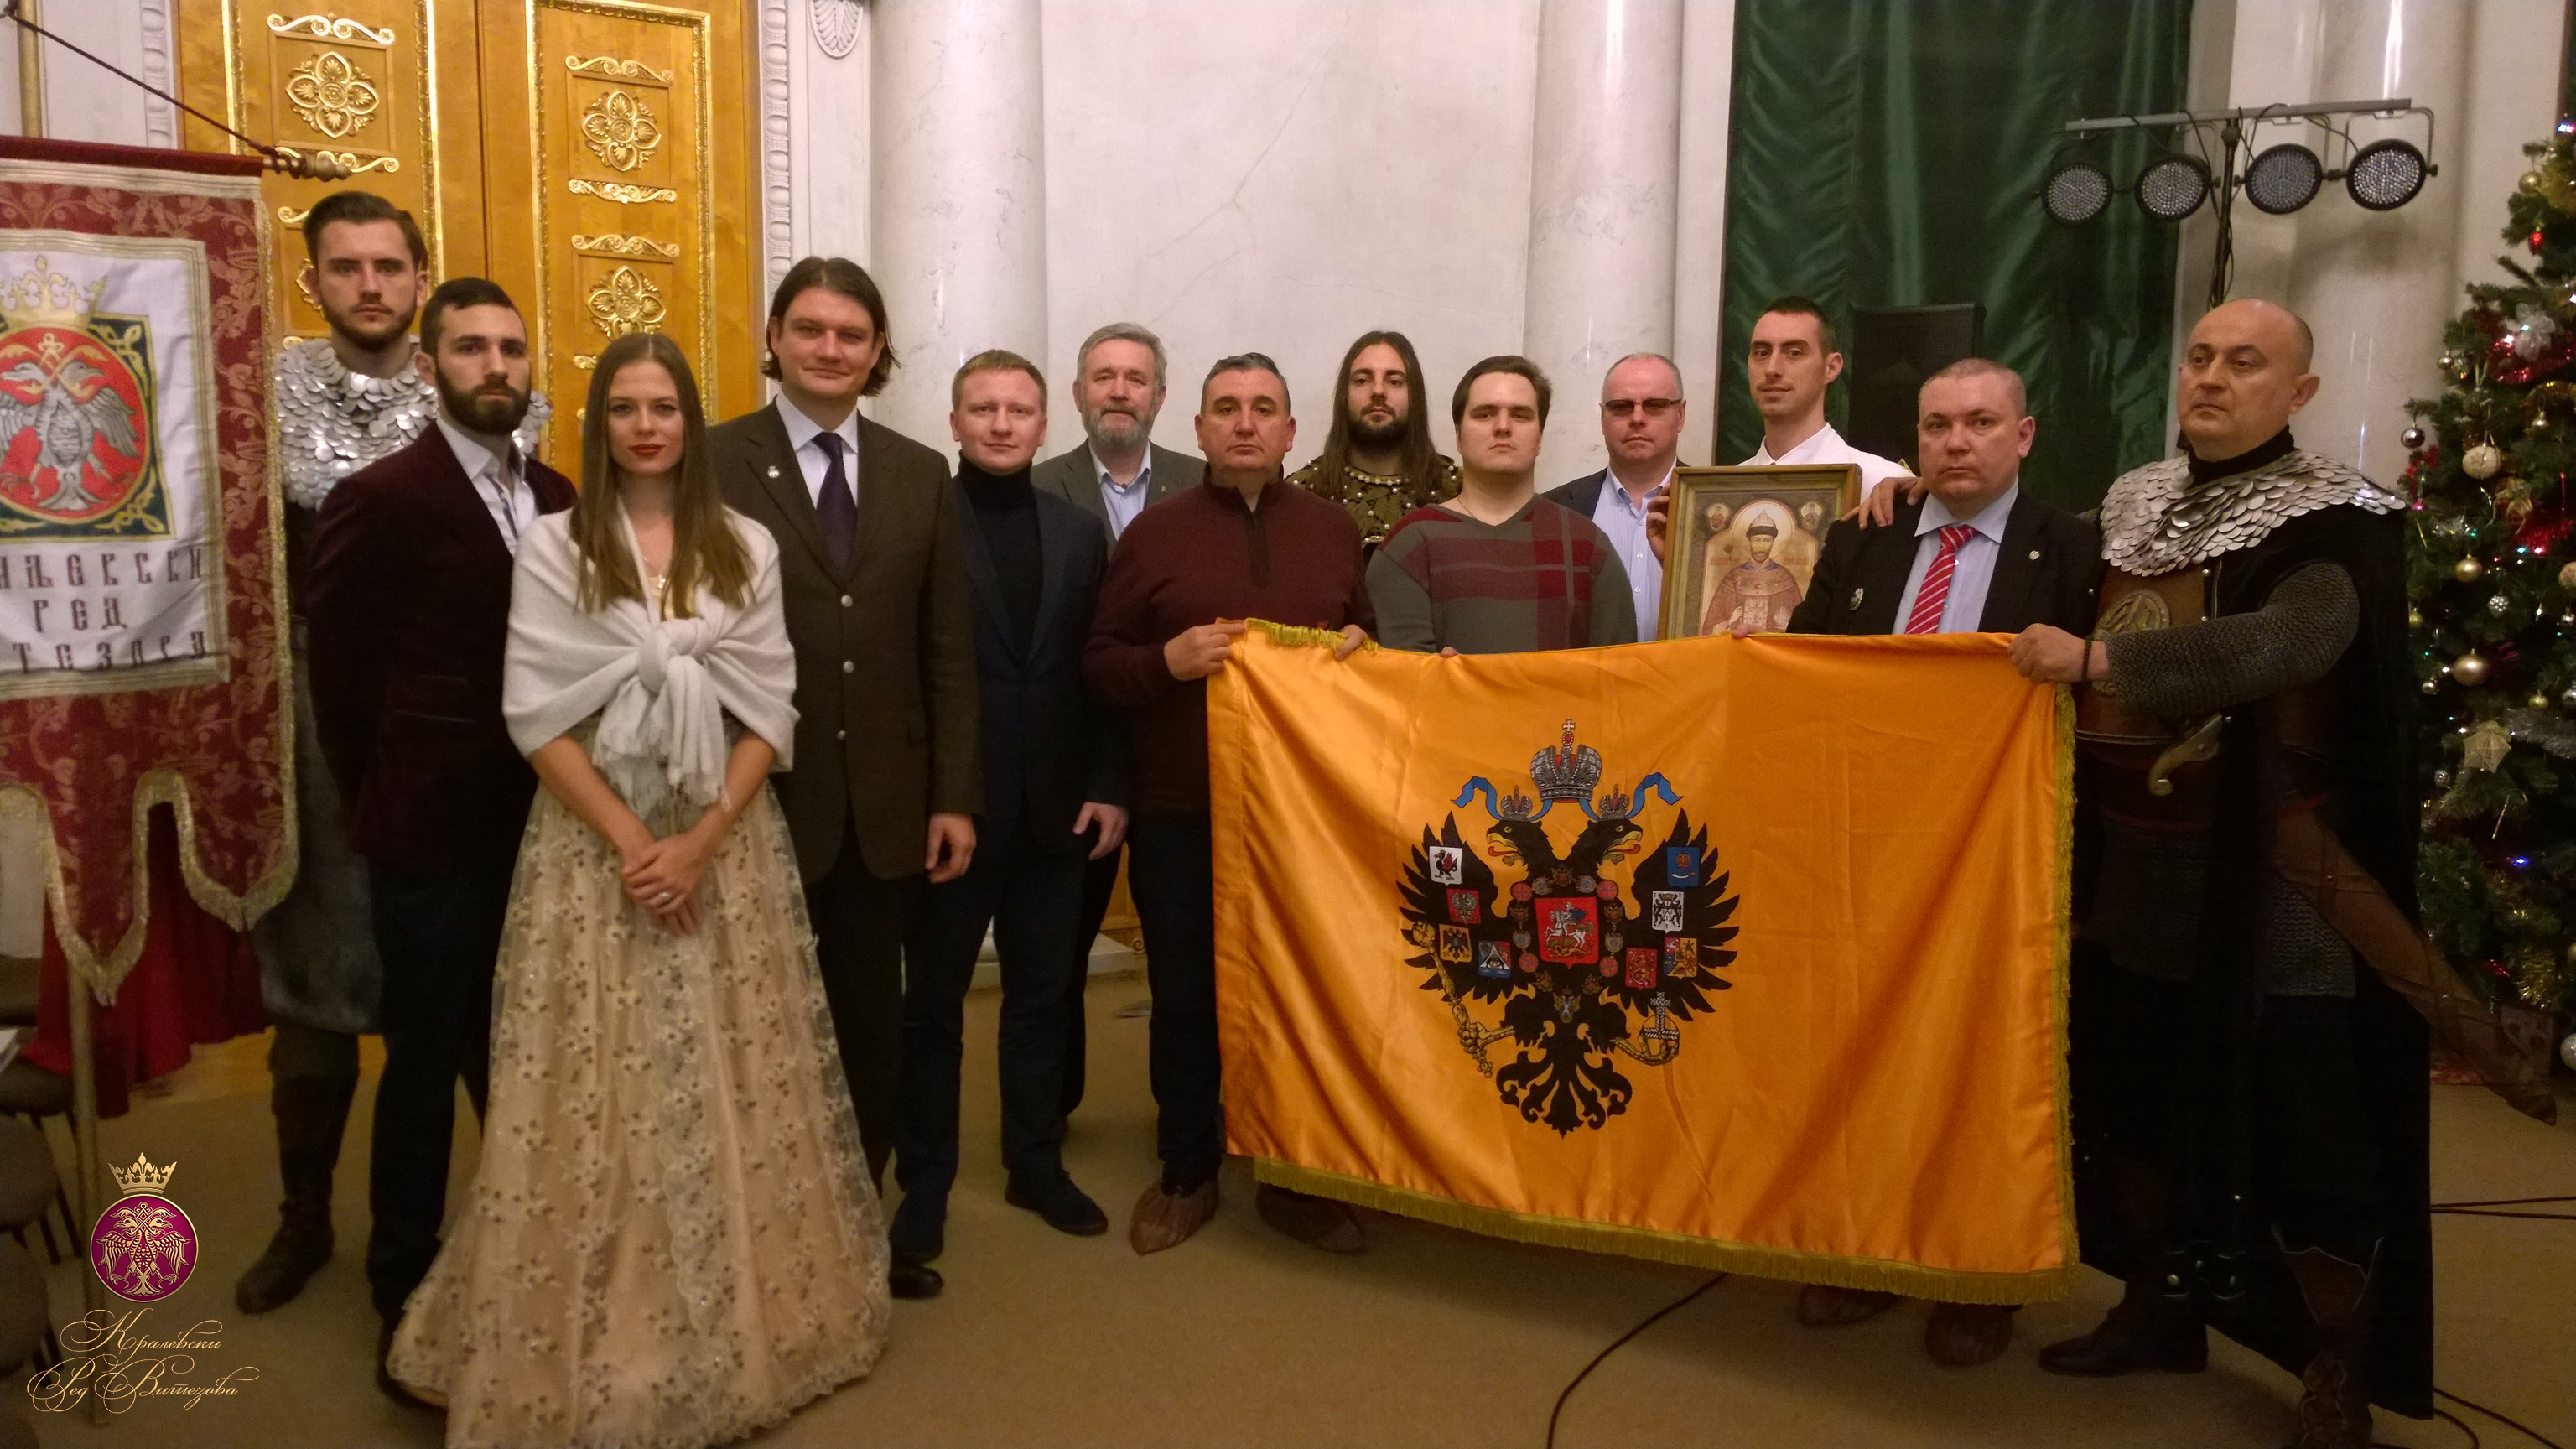 Мироточивая икона в руках принца Георгия Карагеоргиевича (Фото: Королевский Орден Витязей)